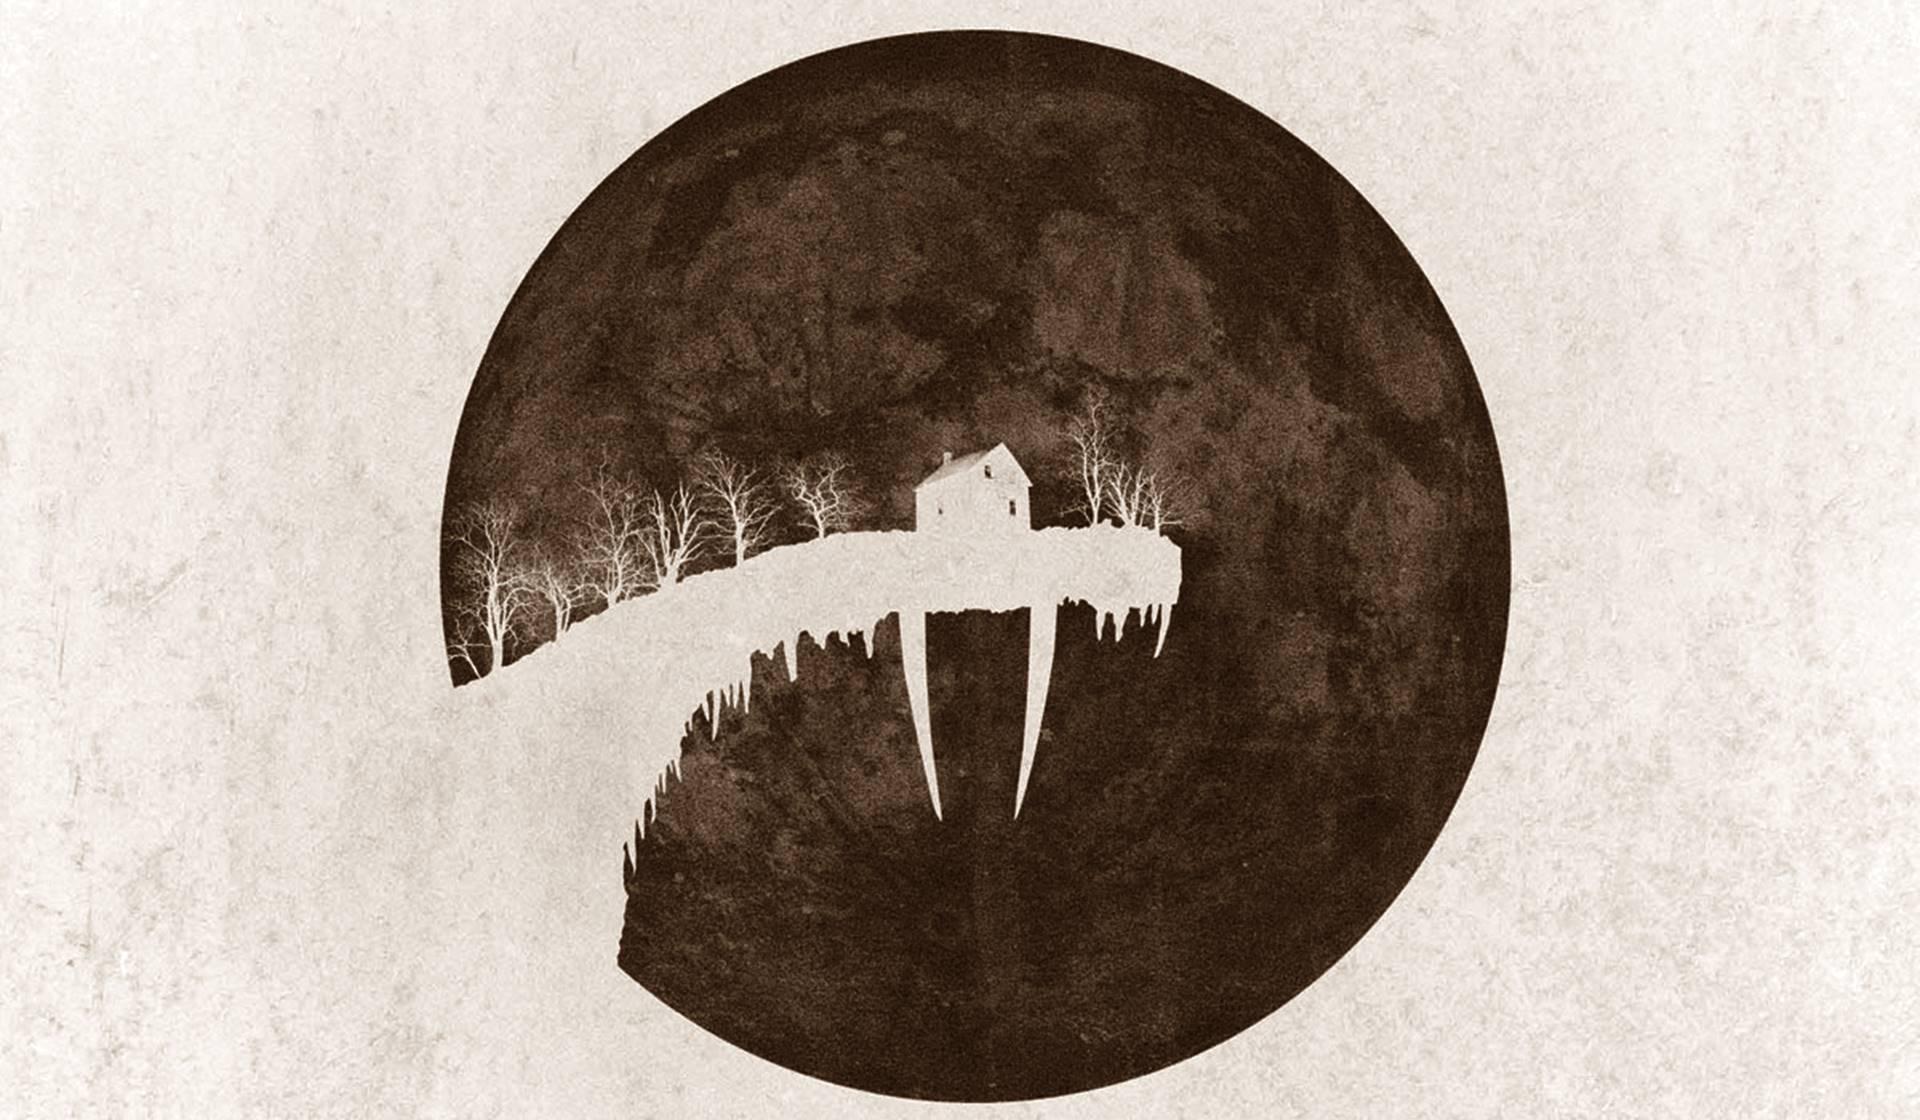 Una casa con colmillos de morsa en el cartel de Tusk de Kevin Smith